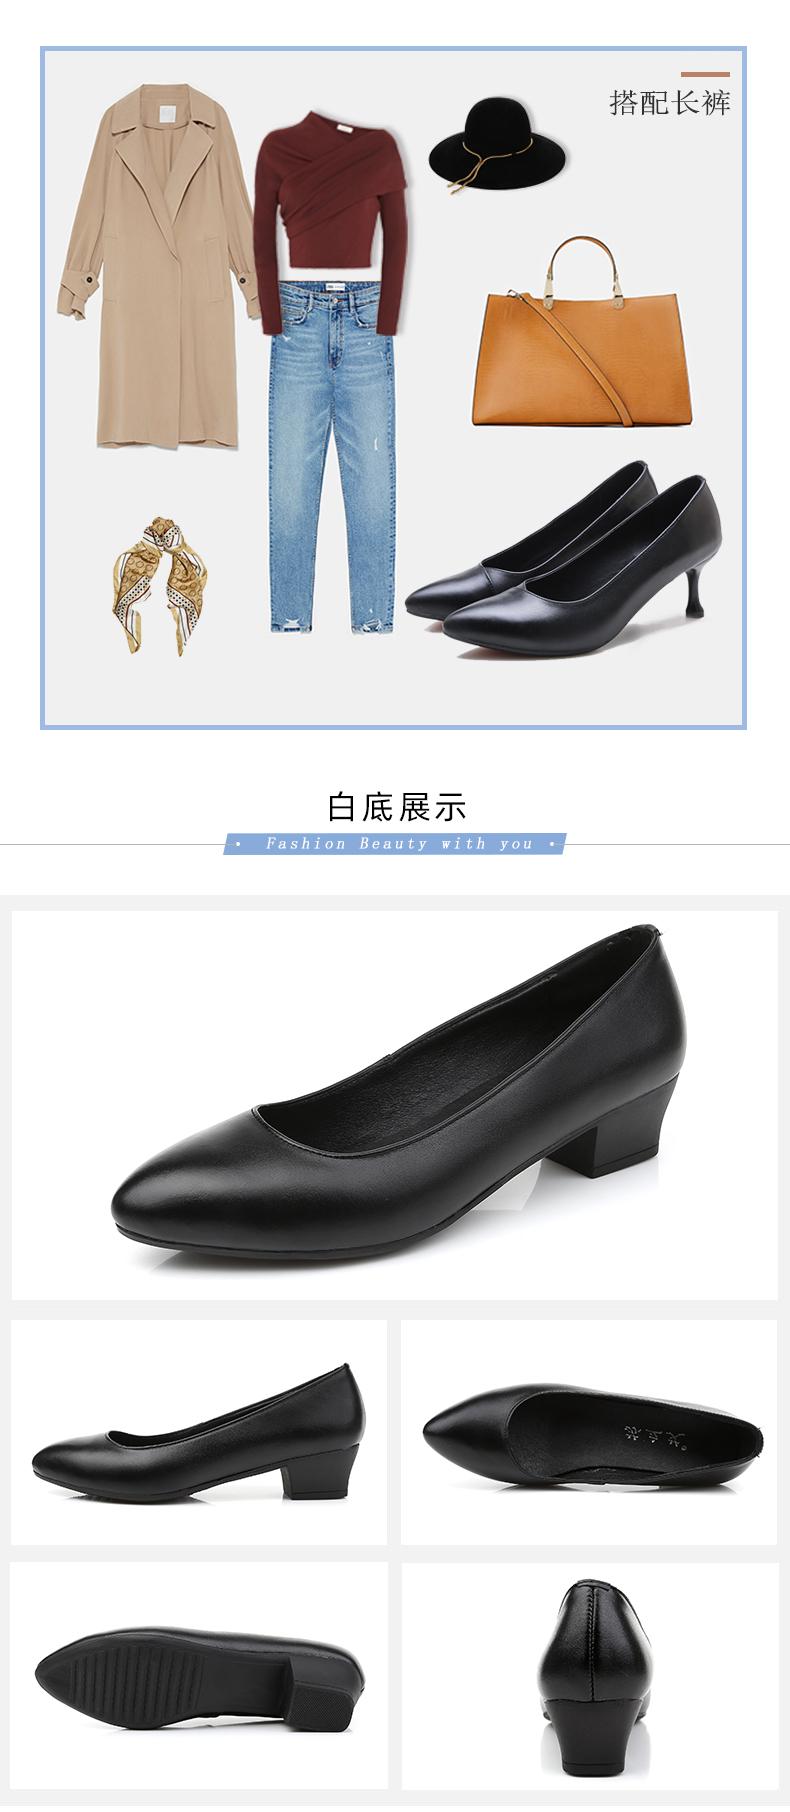 真皮工作鞋女黑色软底高跟鞋粗跟皮鞋中跟舒适平底单鞋女职业女鞋详细照片